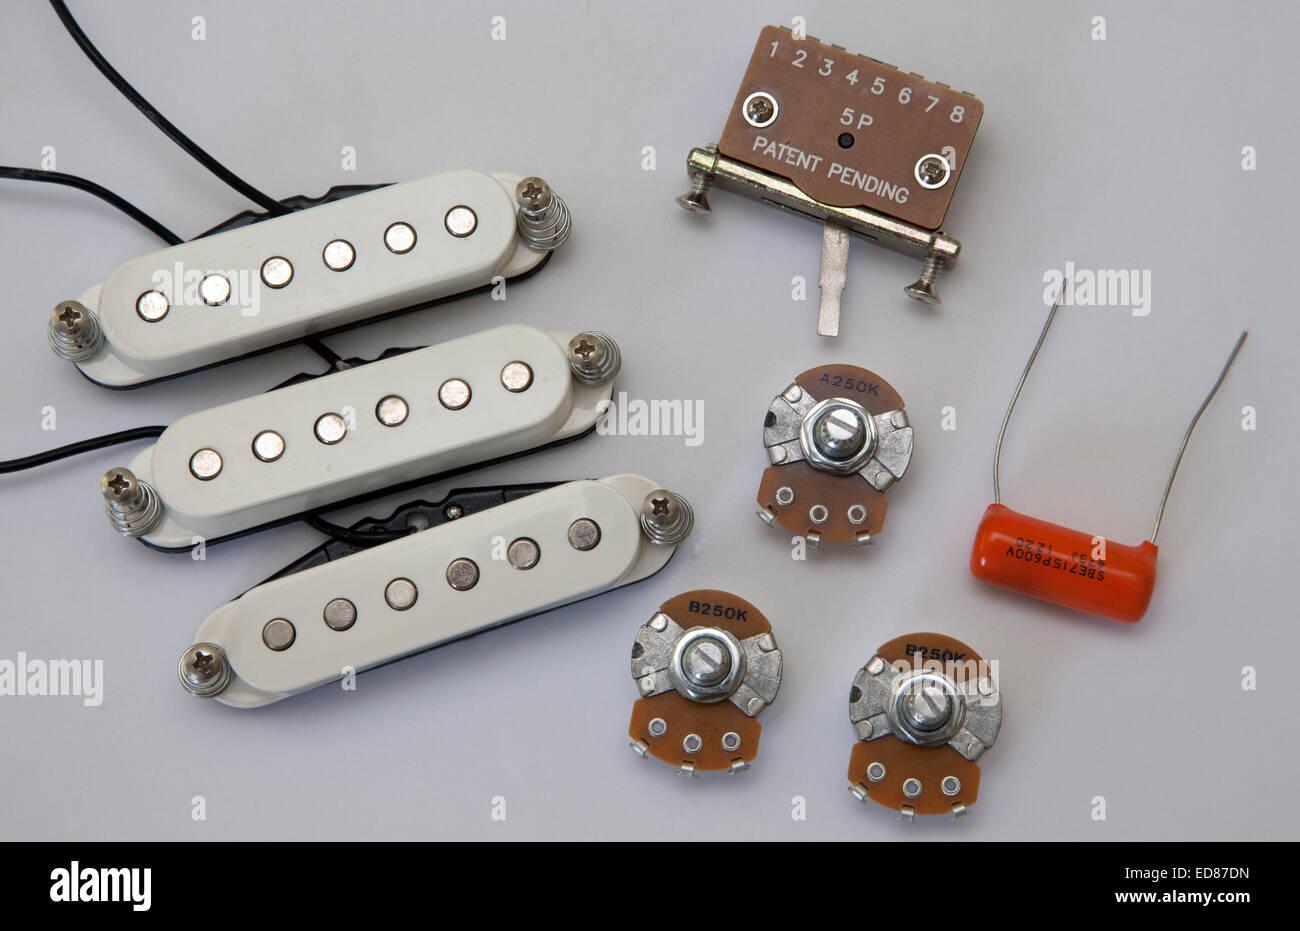 Composants d'une guitare électrique, pick ups volume, tonalité, sélecteur de commande, d'un Photo Stock